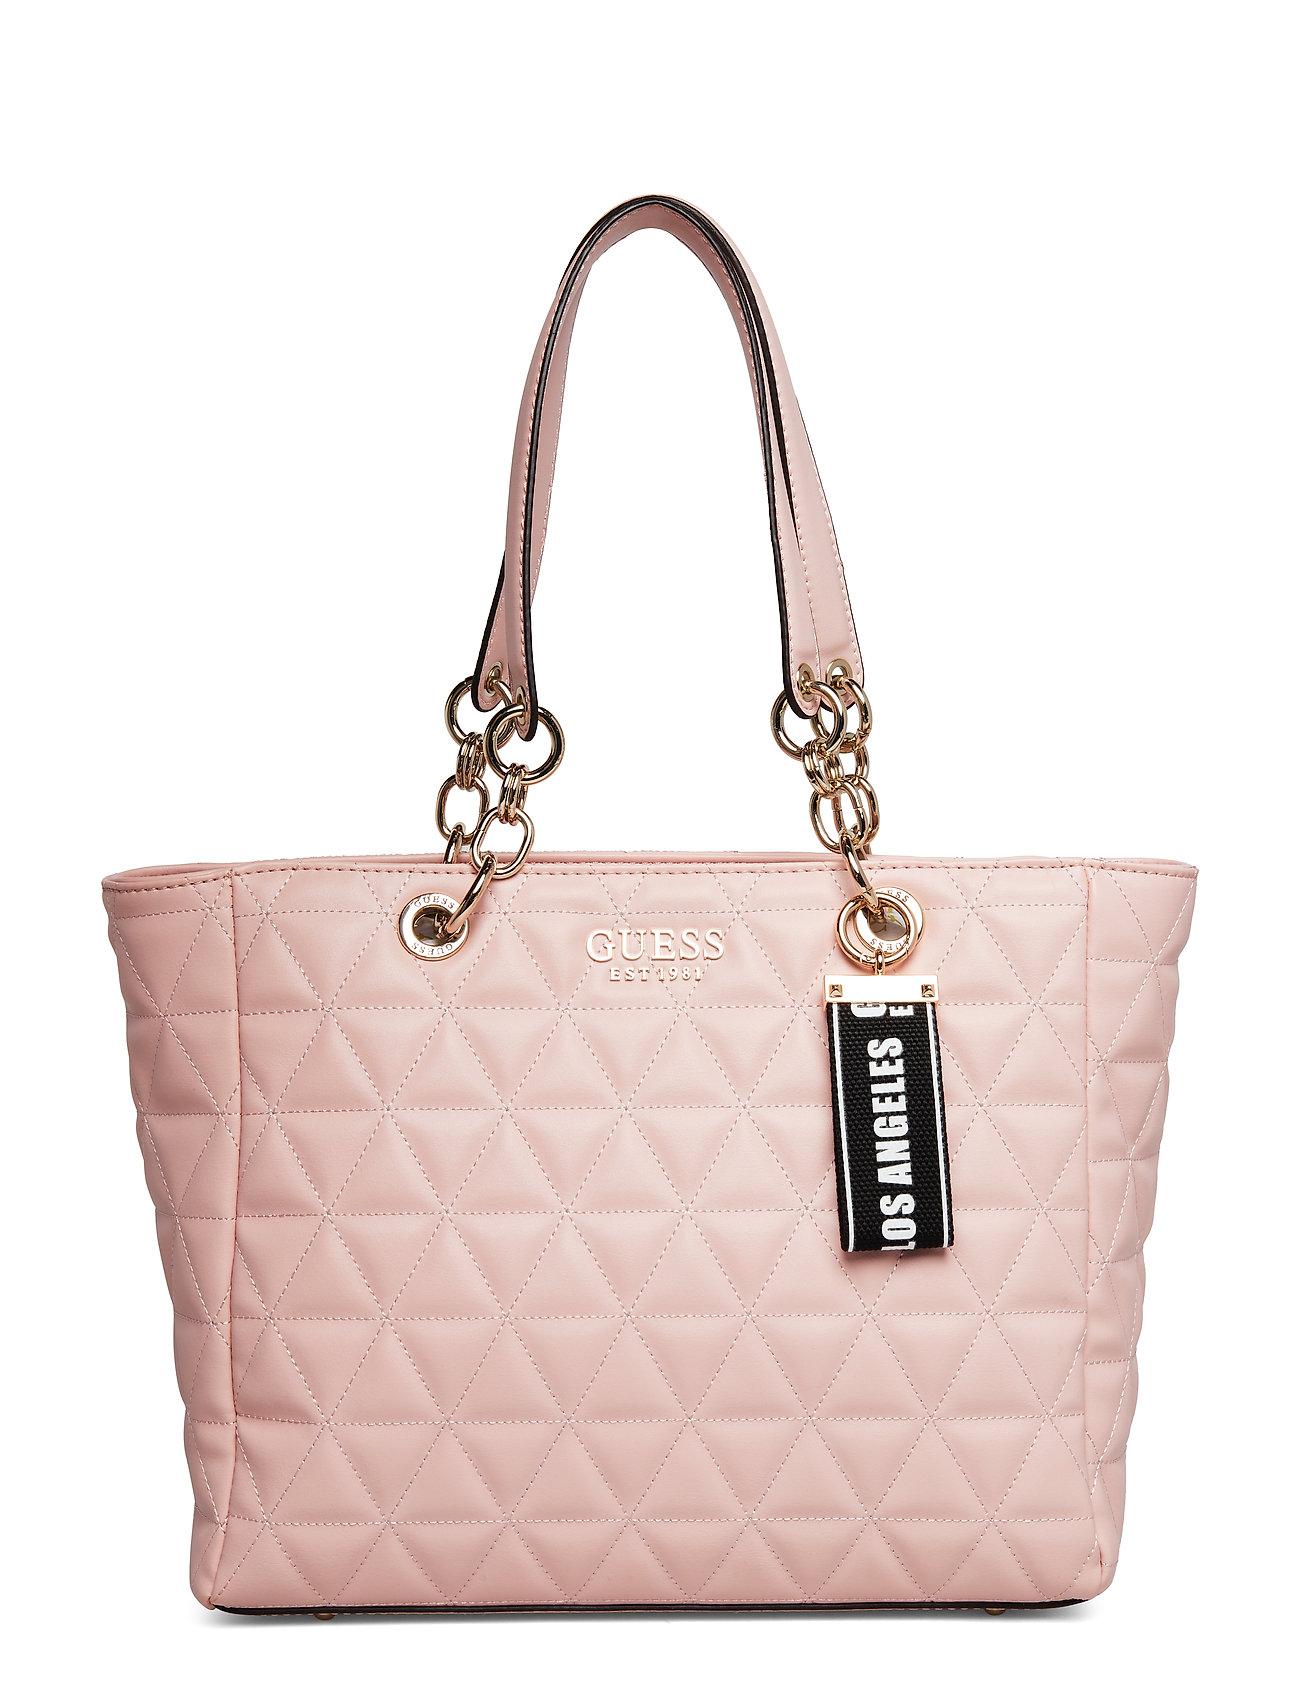 GUESS Laiken Tote Shopper Tasche Pink GUESS